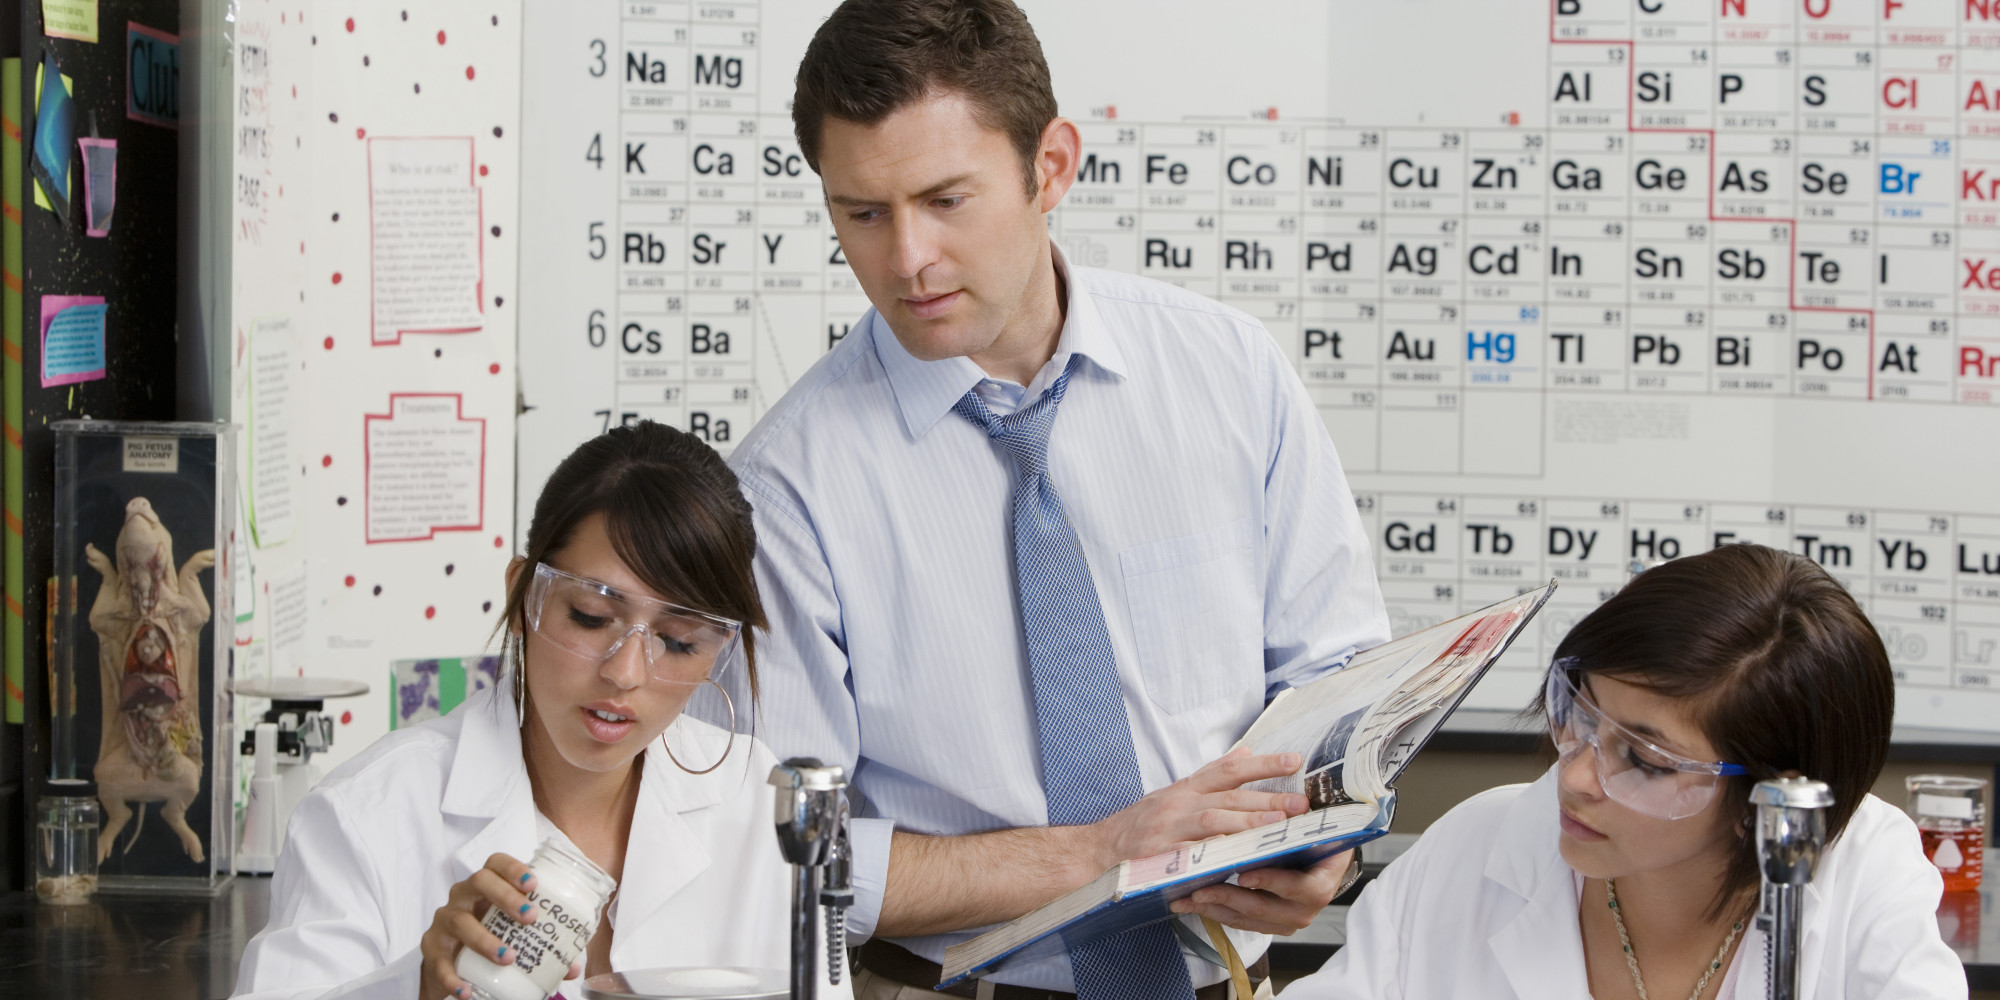 Dating a teacher in high school